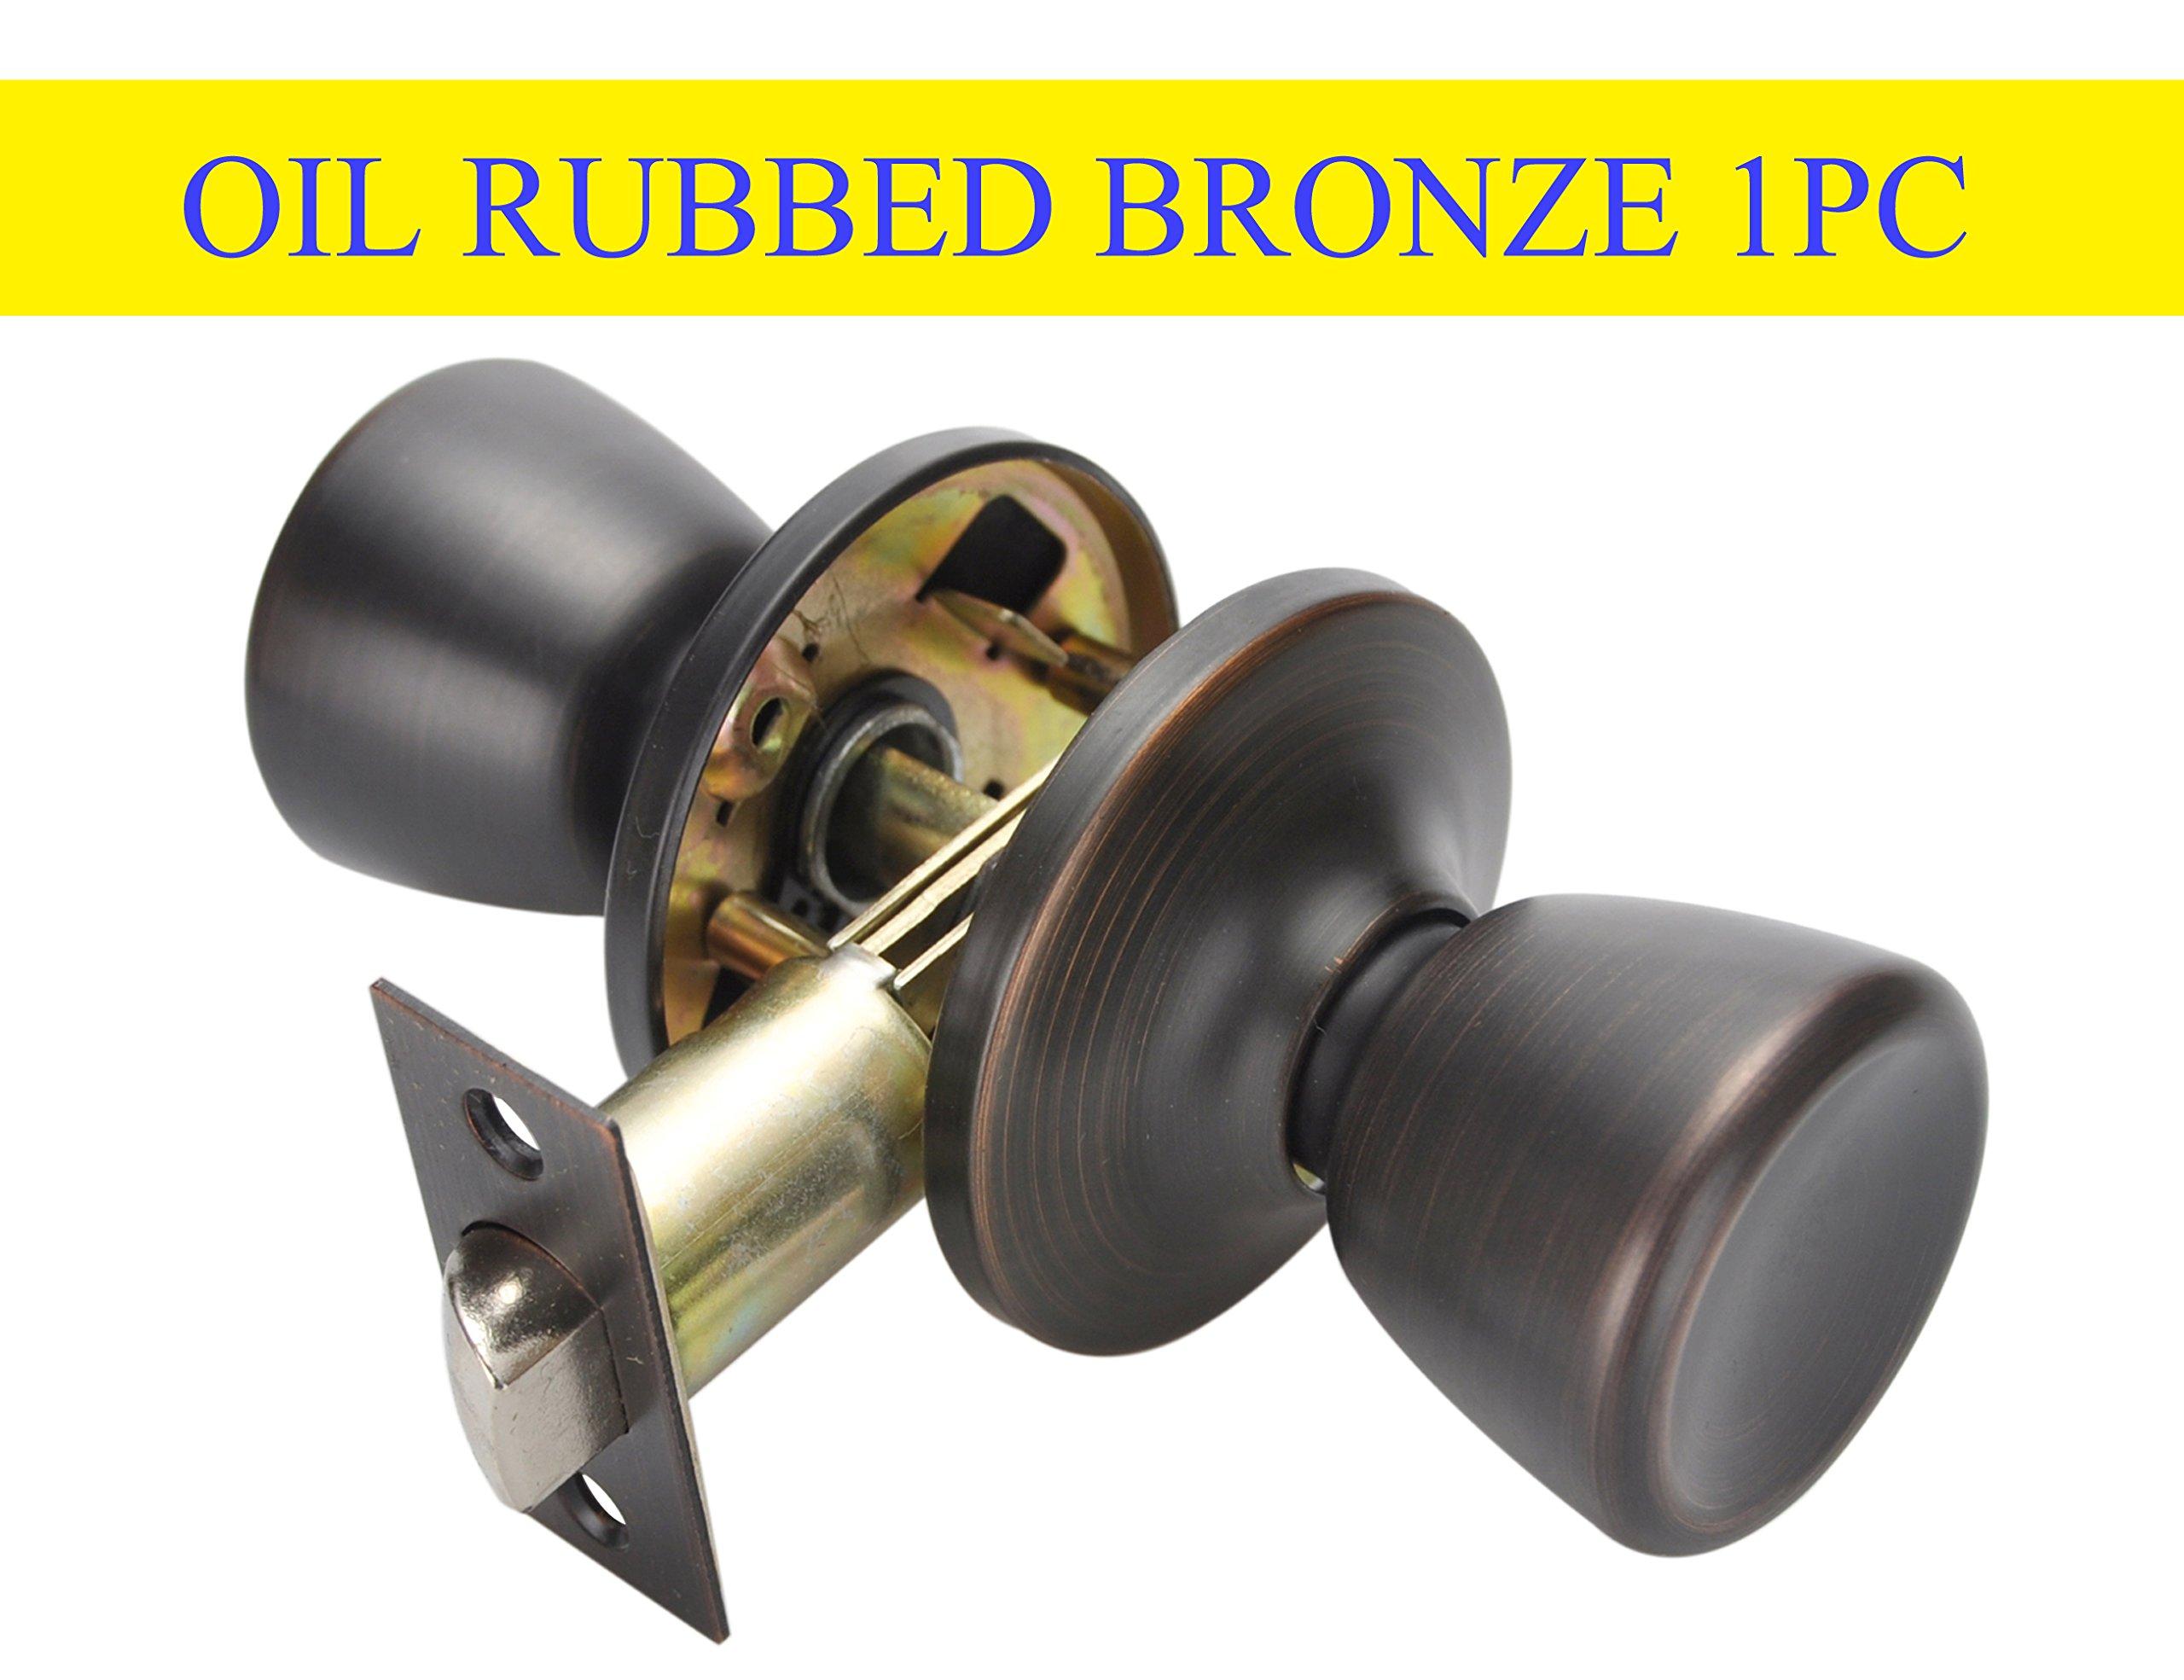 Oil Rubbed Bronze Door Knobs,Classic Passage Door Knob Hall and Closet Handle Lock,Oil Rubbed Bronze Passage